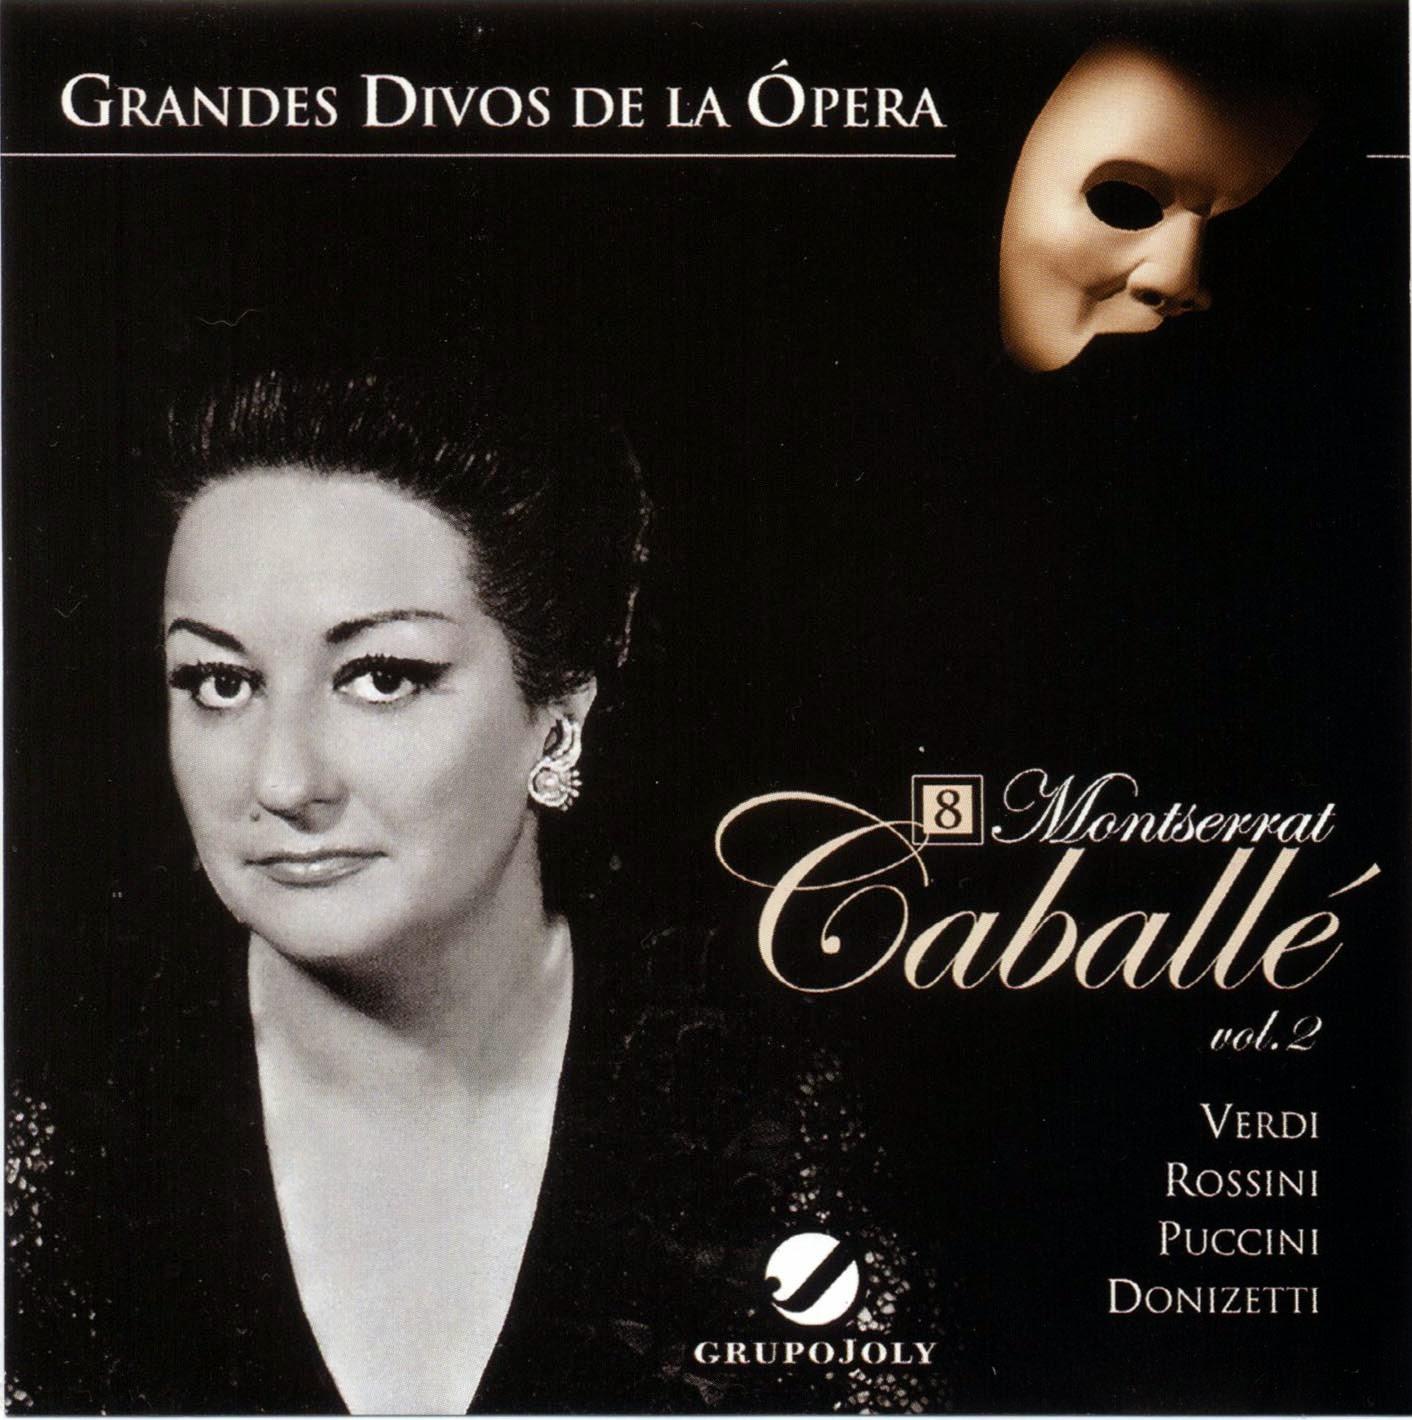 Grandes Divos de la Ópera-cd8-Montserrat caballé-carátula frontal